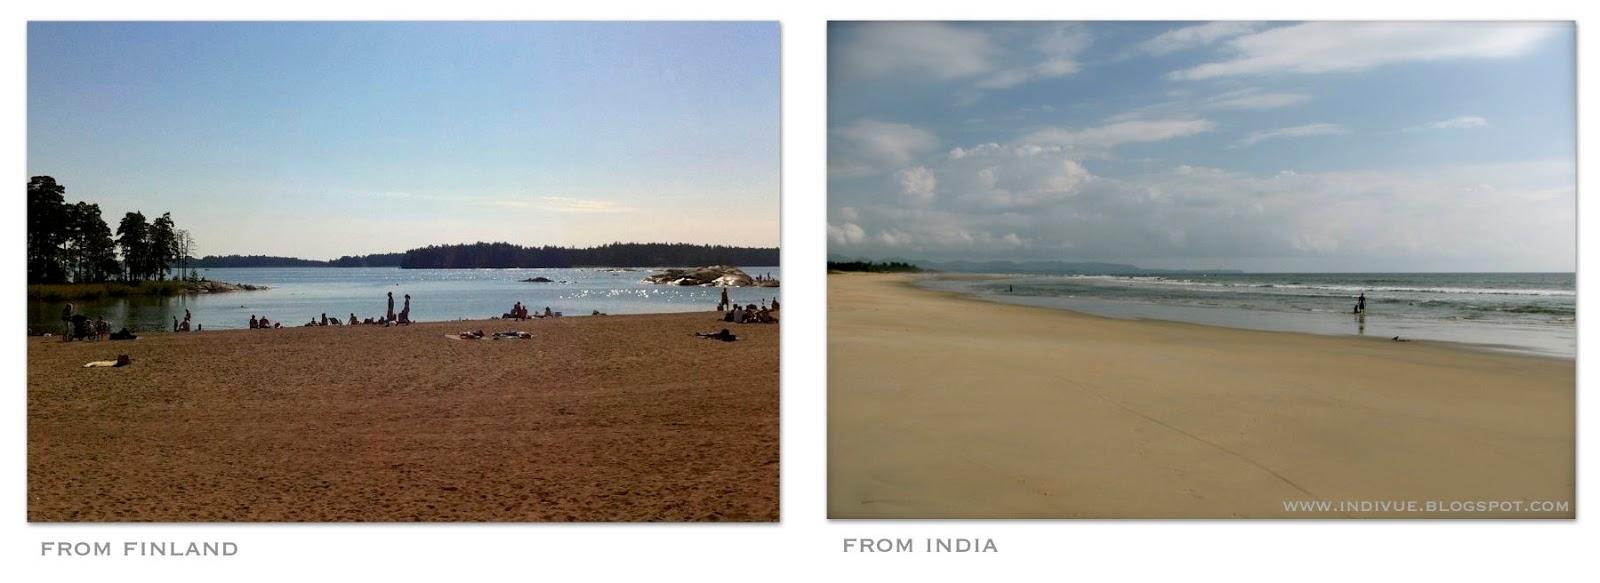 Suomalainen ja intialainen ranta